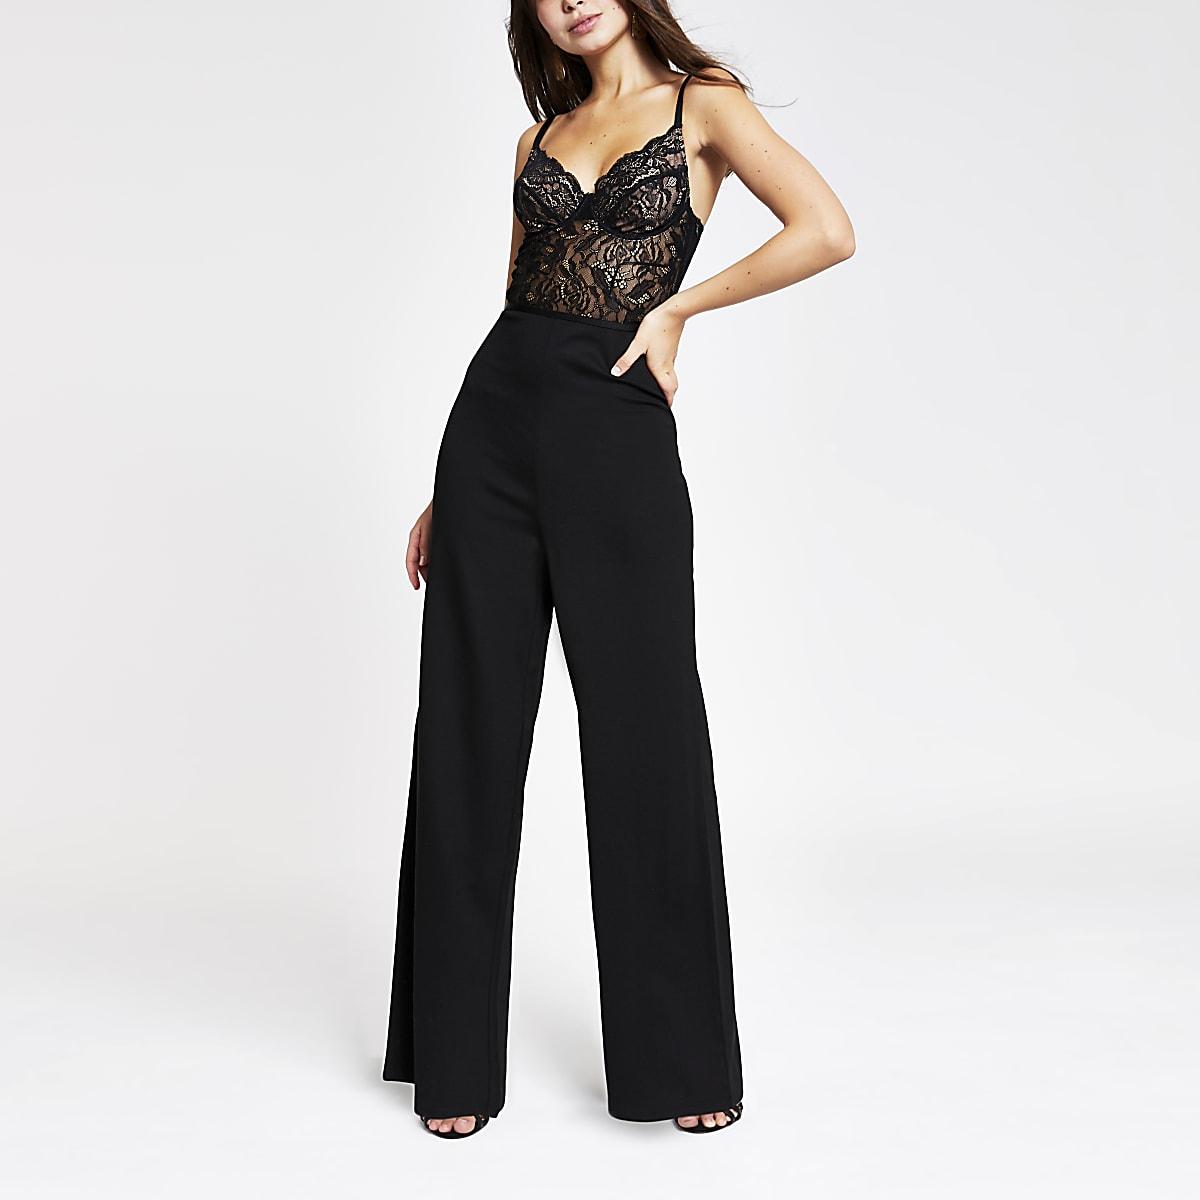 Black lace corset jumpsuit